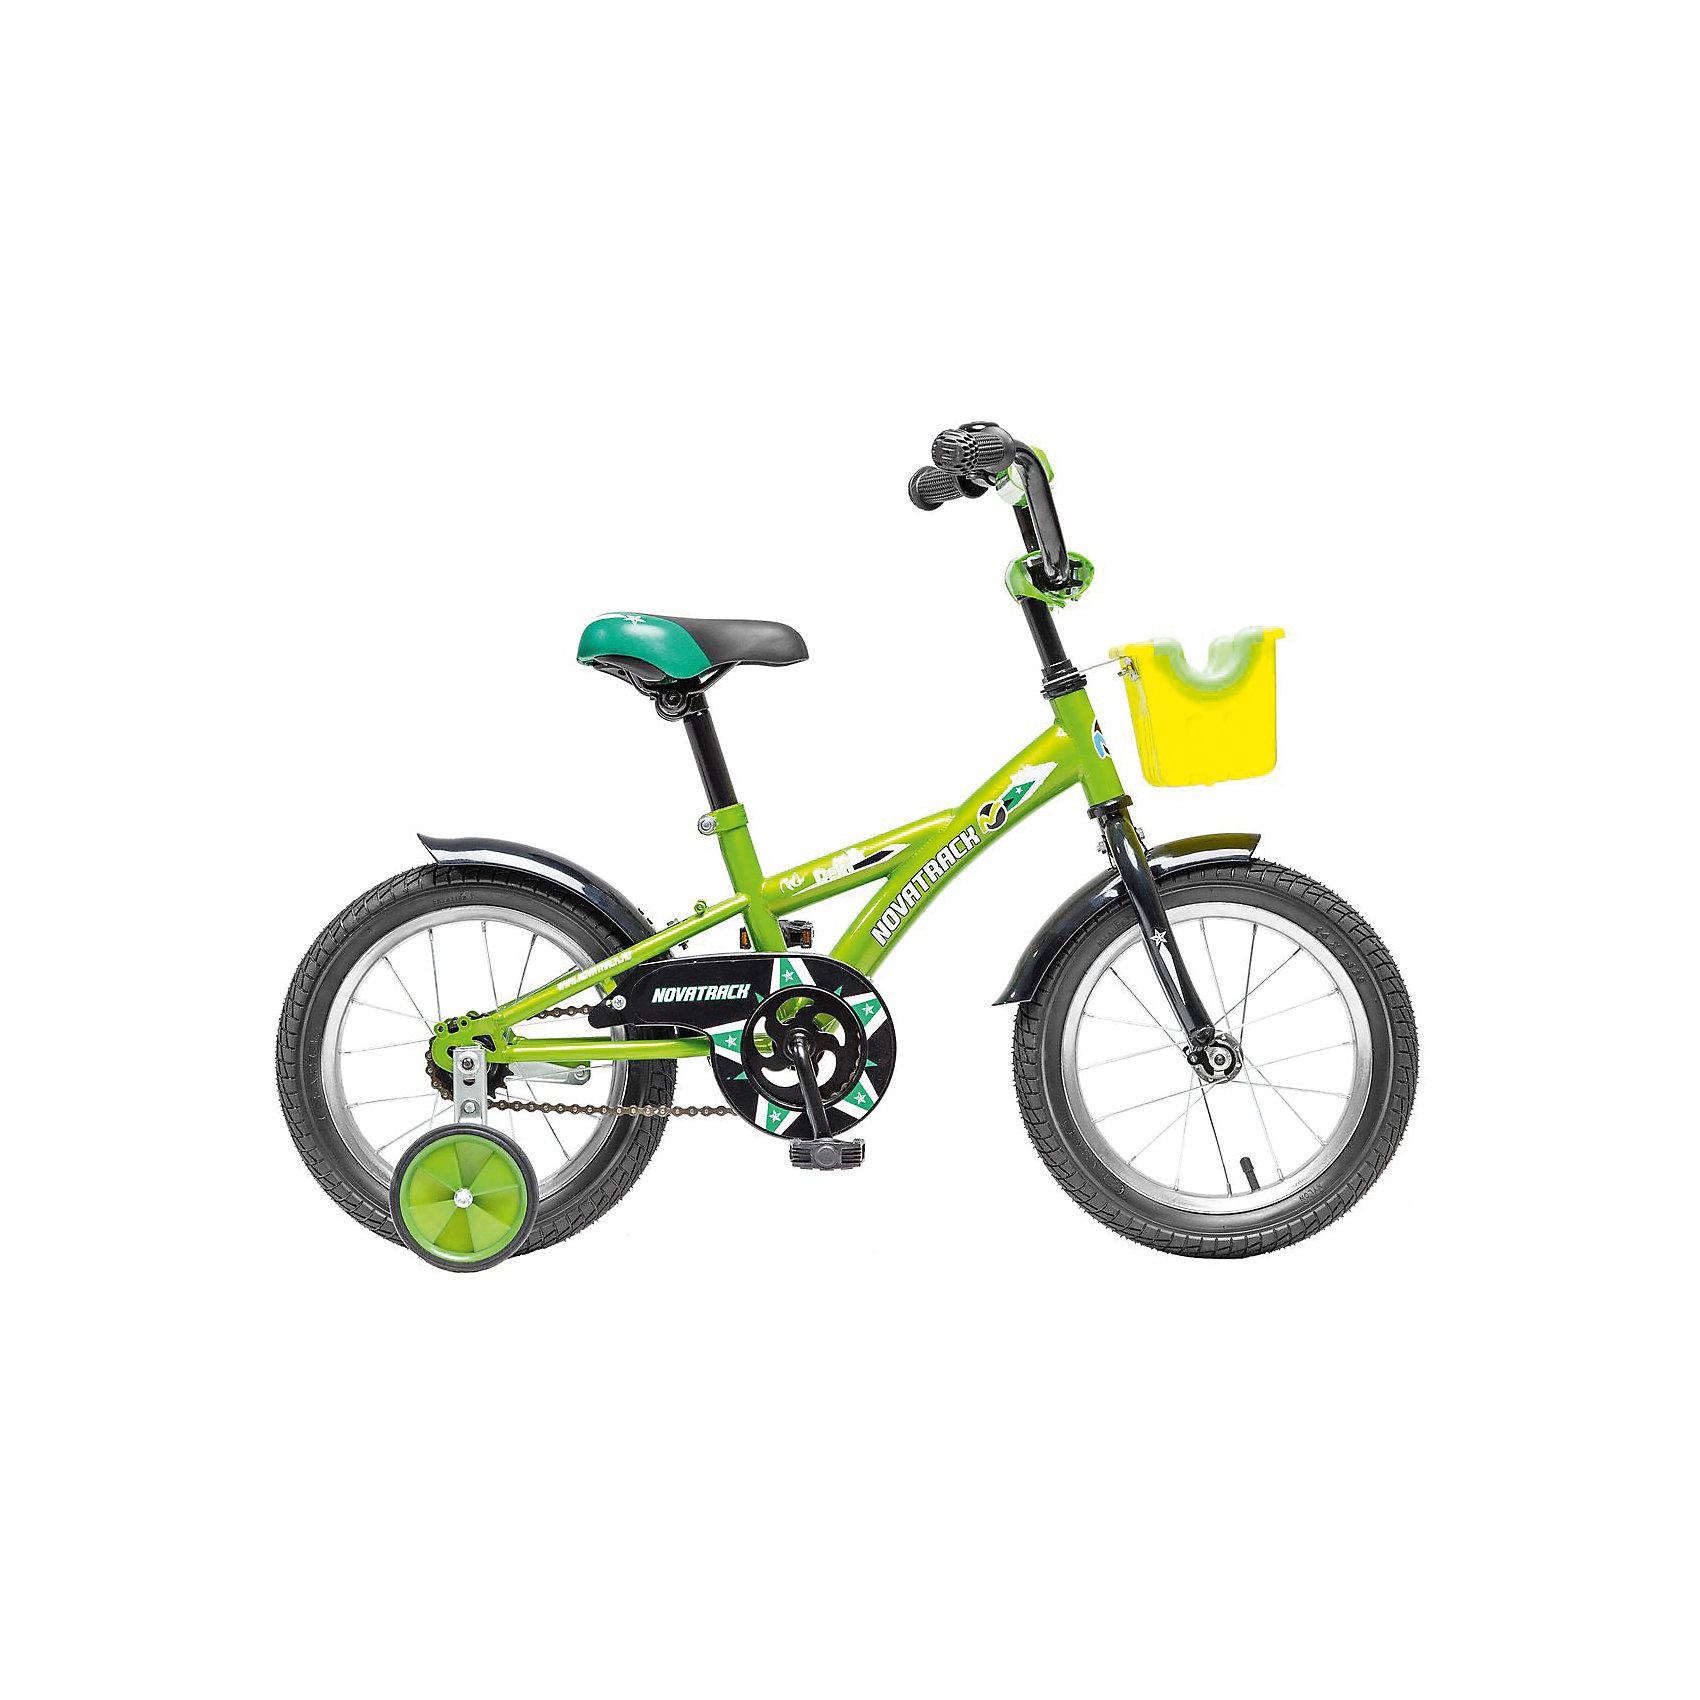 Велосипед Delfi, салатово-черный, 14 дюймов, NovatrackВелосипеды детские<br>Велосипед Novatrack Delfi c 14-дюймовыми колесами – это надежный велосипед для ребят от 3 до 5 лет. Привлекательный дизайн, надежная сборка, легкость и отличная управляемость – это еще не все плюсы данной модели. Велосипед Delfi снабжен ограничителем поворота руля, который не позволит ребенку слишком сильно вывернуть переднее колесо велосипеда, и тем самым предотвратит падения. Цепь закрыта декоративной накладкой, которая защитит одежду и ноги ребенка от попадания в механизм. Данная модель специально разработана для легкого обучения езде на велосипеде. Низкая рама позволит ребенку быстро взбираться и слезать с велосипеда. Колеса закрыты крыльями, которые защитят ребенка от брызг, а на руле располагается вместительная корзинка для перевозки самых необходимых в дороге предметов.<br><br>Ширина мм: 810<br>Глубина мм: 185<br>Высота мм: 410<br>Вес г: 11000<br>Возраст от месяцев: 48<br>Возраст до месяцев: 72<br>Пол: Унисекс<br>Возраст: Детский<br>SKU: 5613202